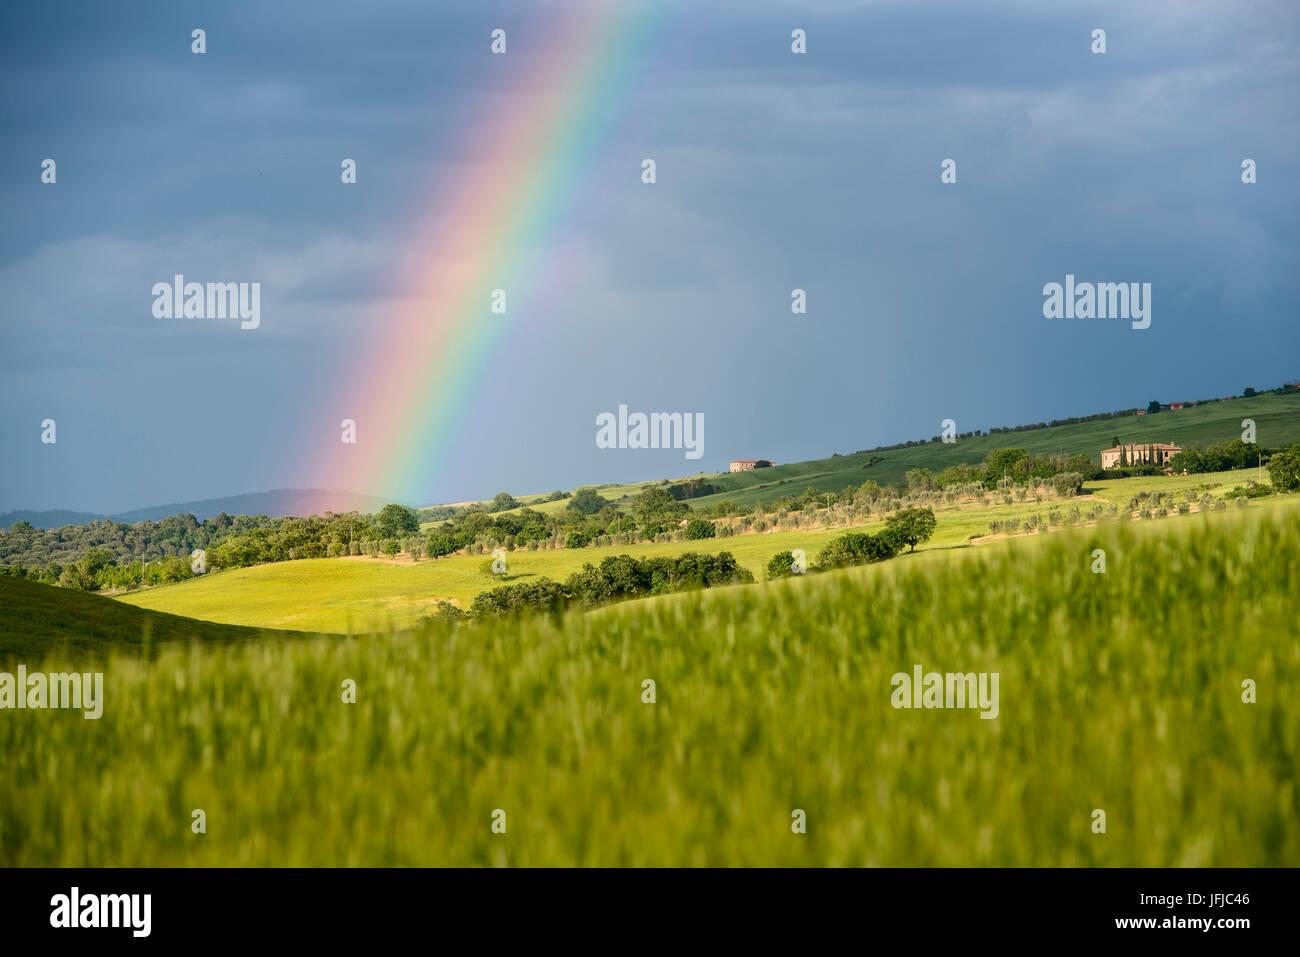 L'Italia, Toscana, Siena distretto, Val d'Orcia - arcobaleno dopo la tempesta Foto Stock